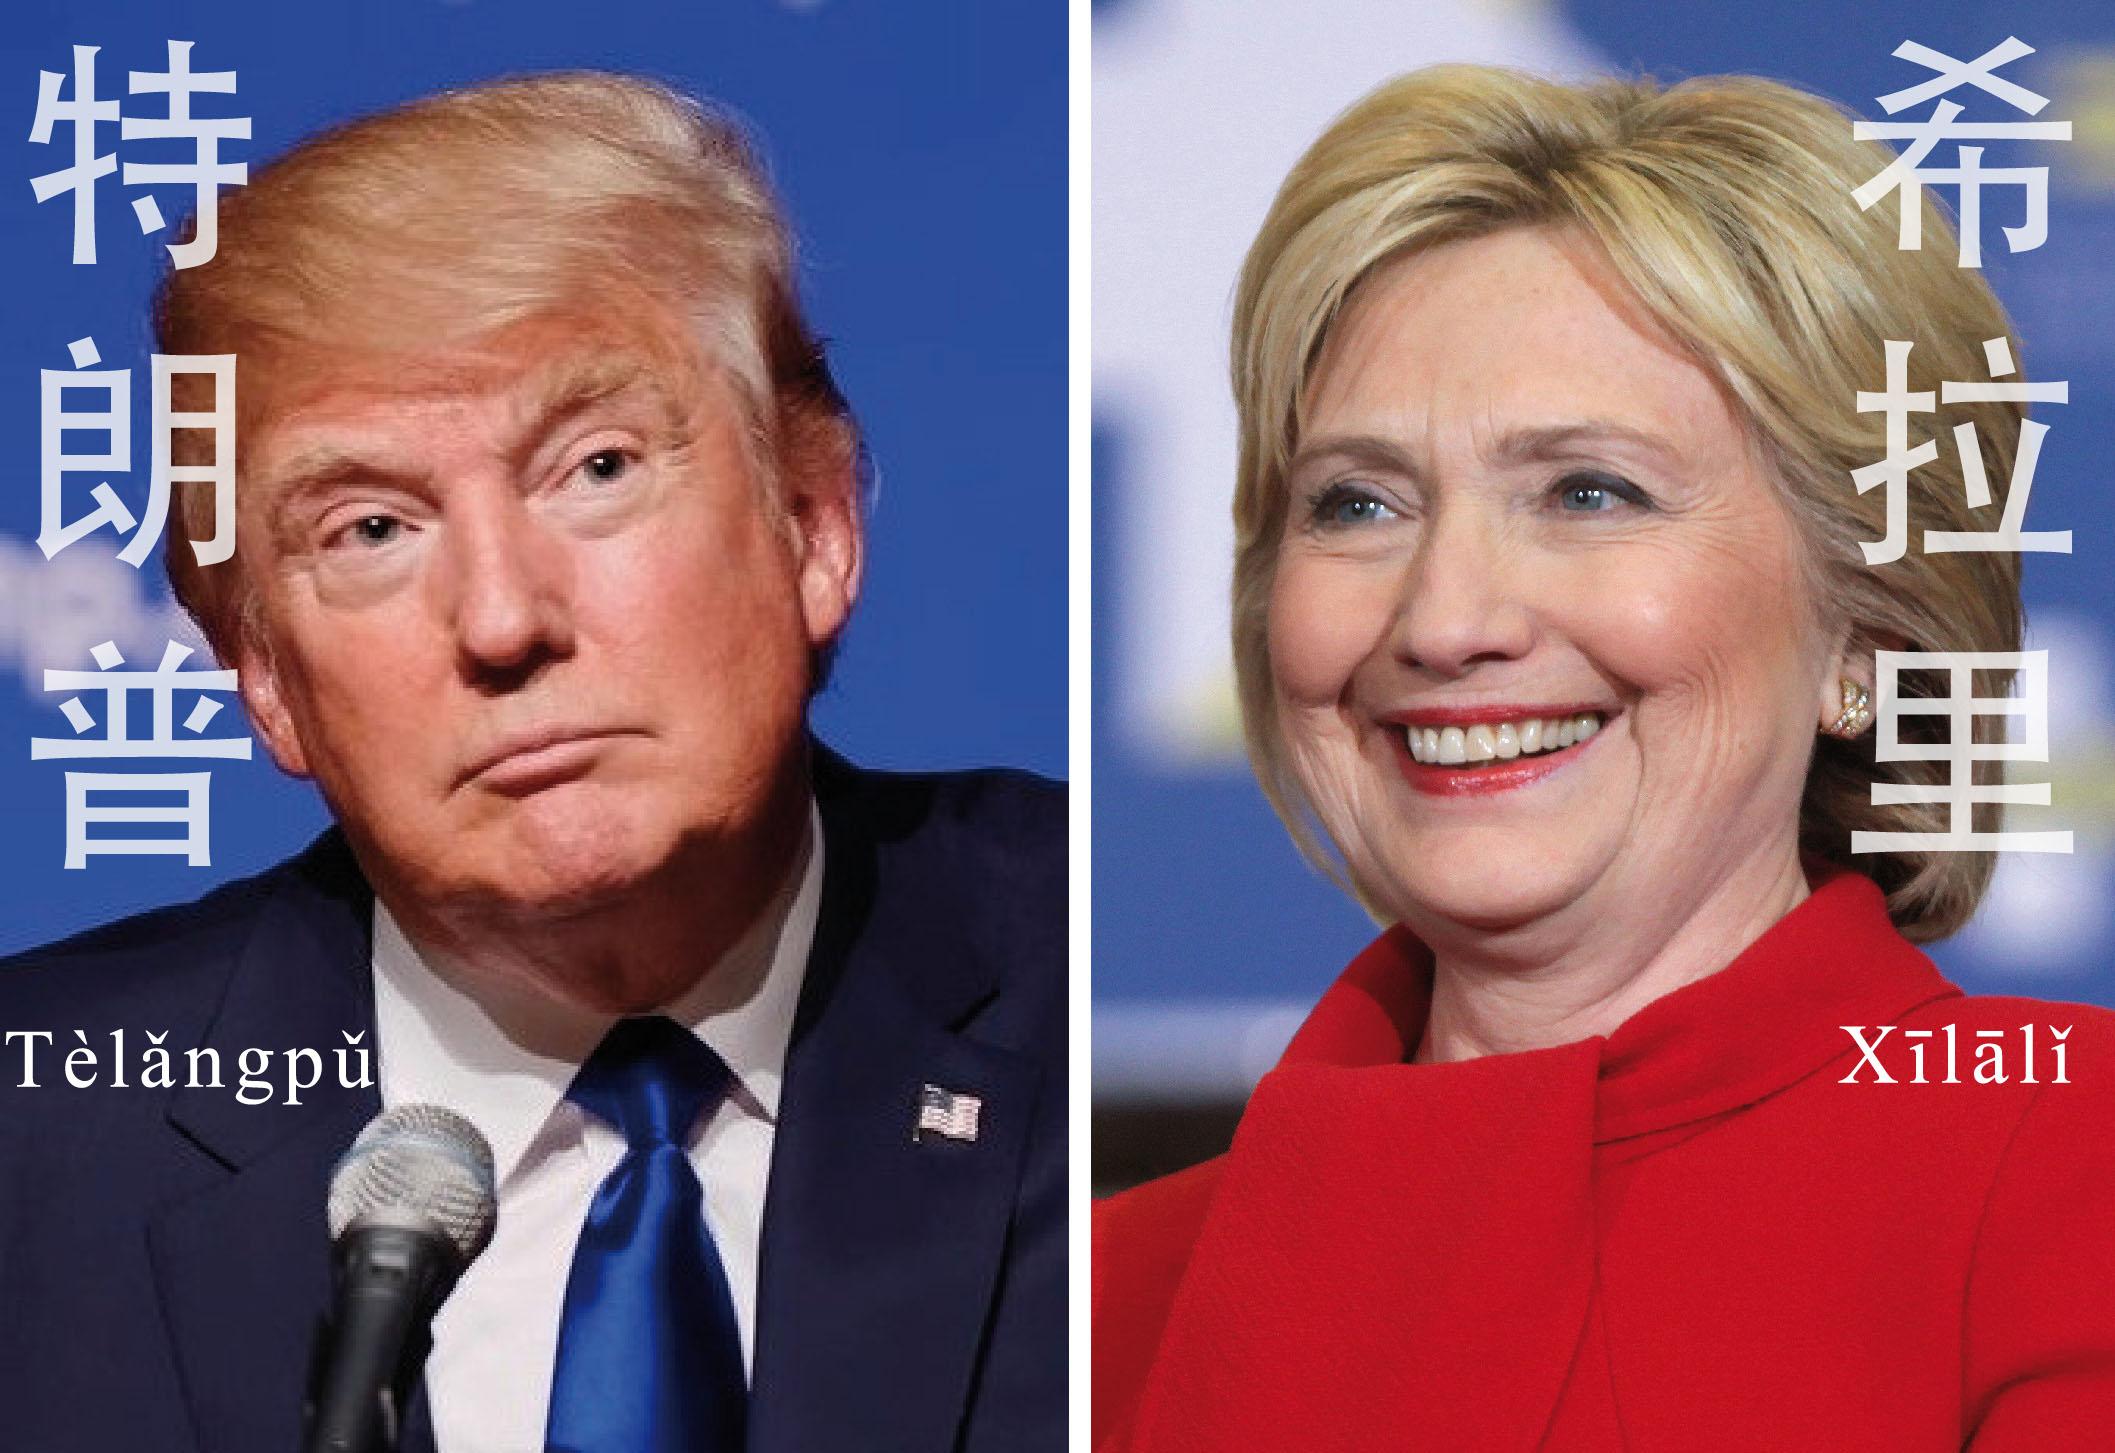 Comparing_RHC_Trump.jpg